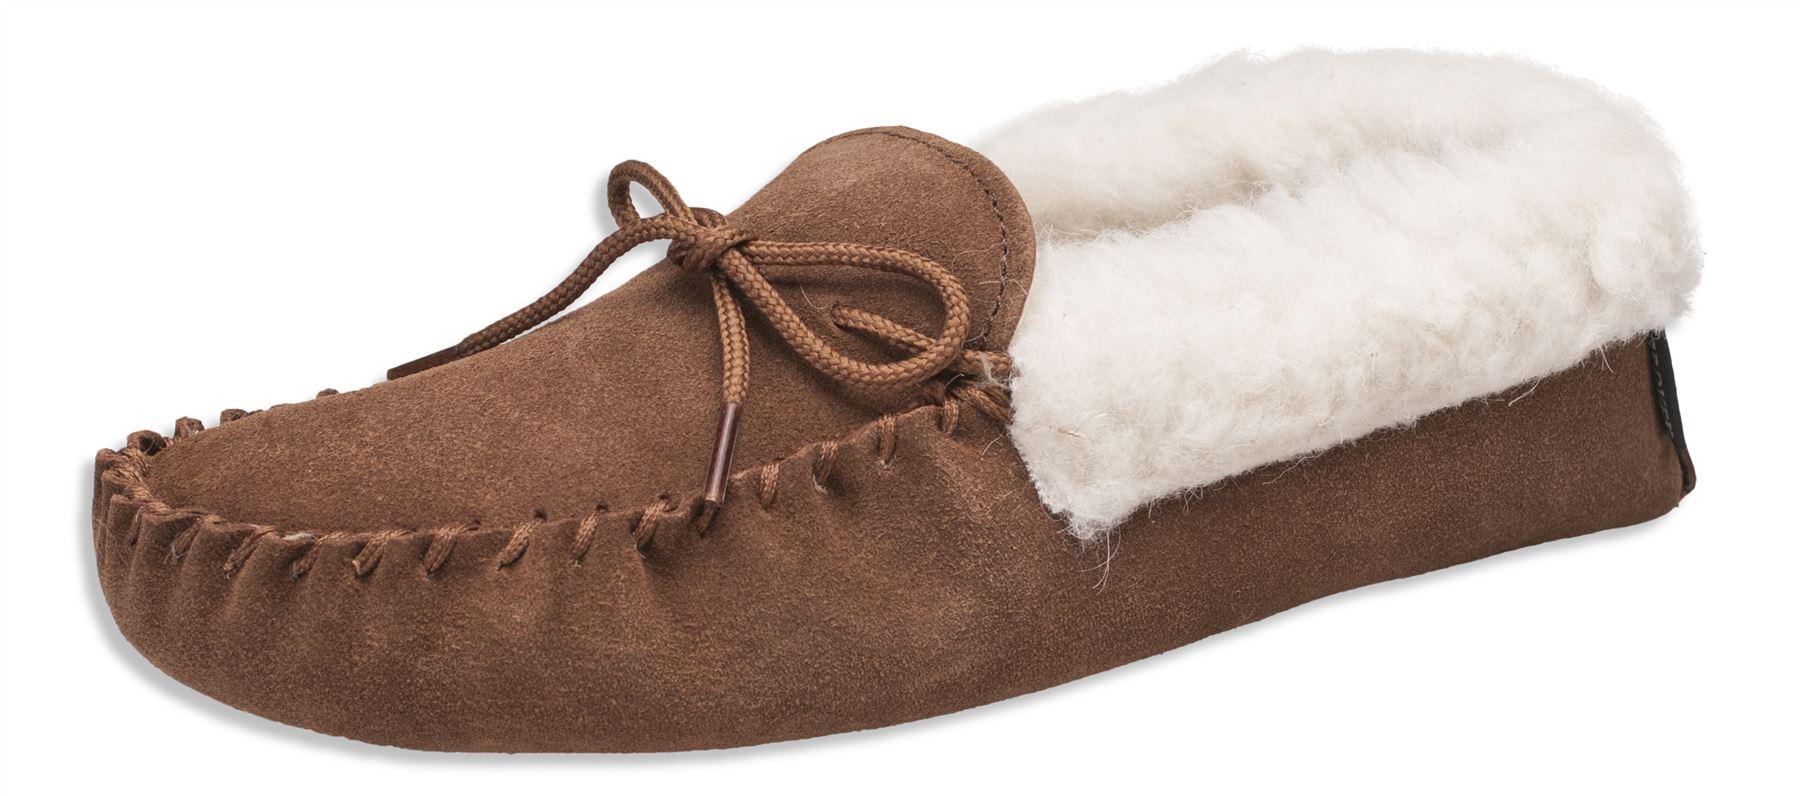 da donna ORIGINALE MOCASSINO SCAMOSCIATO Pantofole pelle di pecora suola morbida